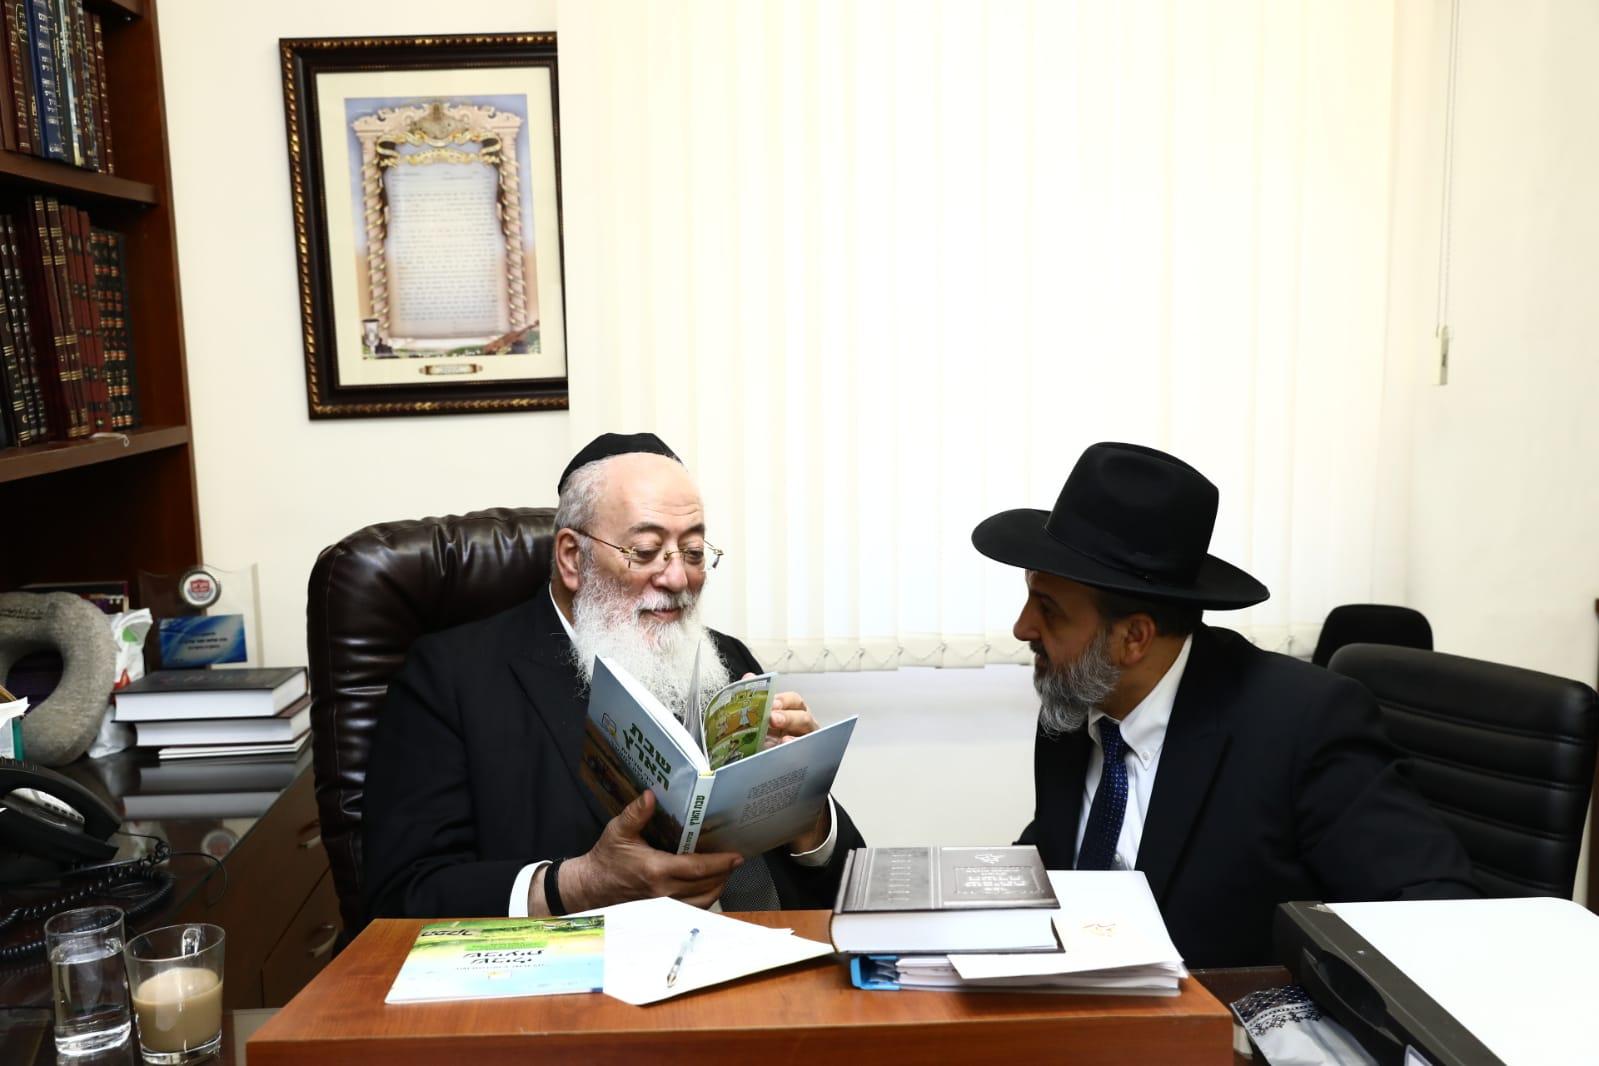 ביקורים אצל גדולי ישראל לקראת שנת השמיטה